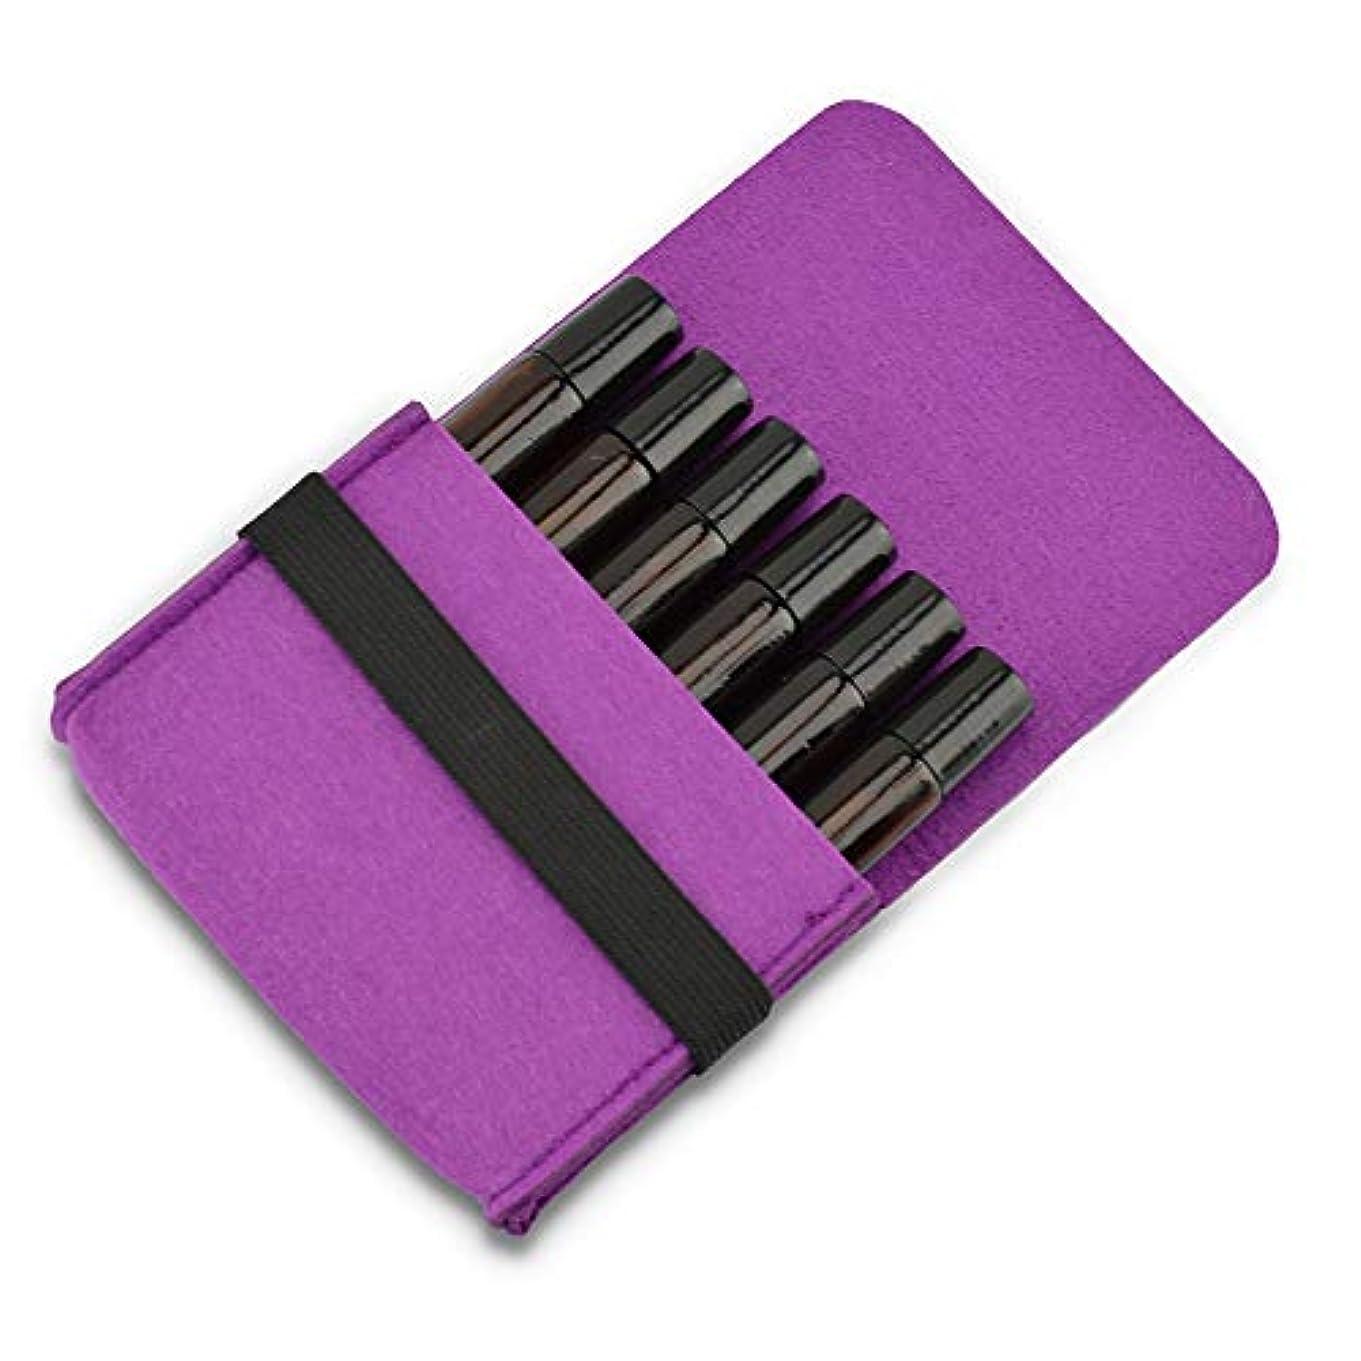 つま先壁紙討論エッセンシャルオイル収納ボックス エッセンシャルオイルの6本のボトル10MLオイルスーツケース旅行主催者は油を整理して表示するためのポケット収納袋を感じました 丈夫で持ち運びが簡単 (色 : 紫の, サイズ : 13X10X3CM)